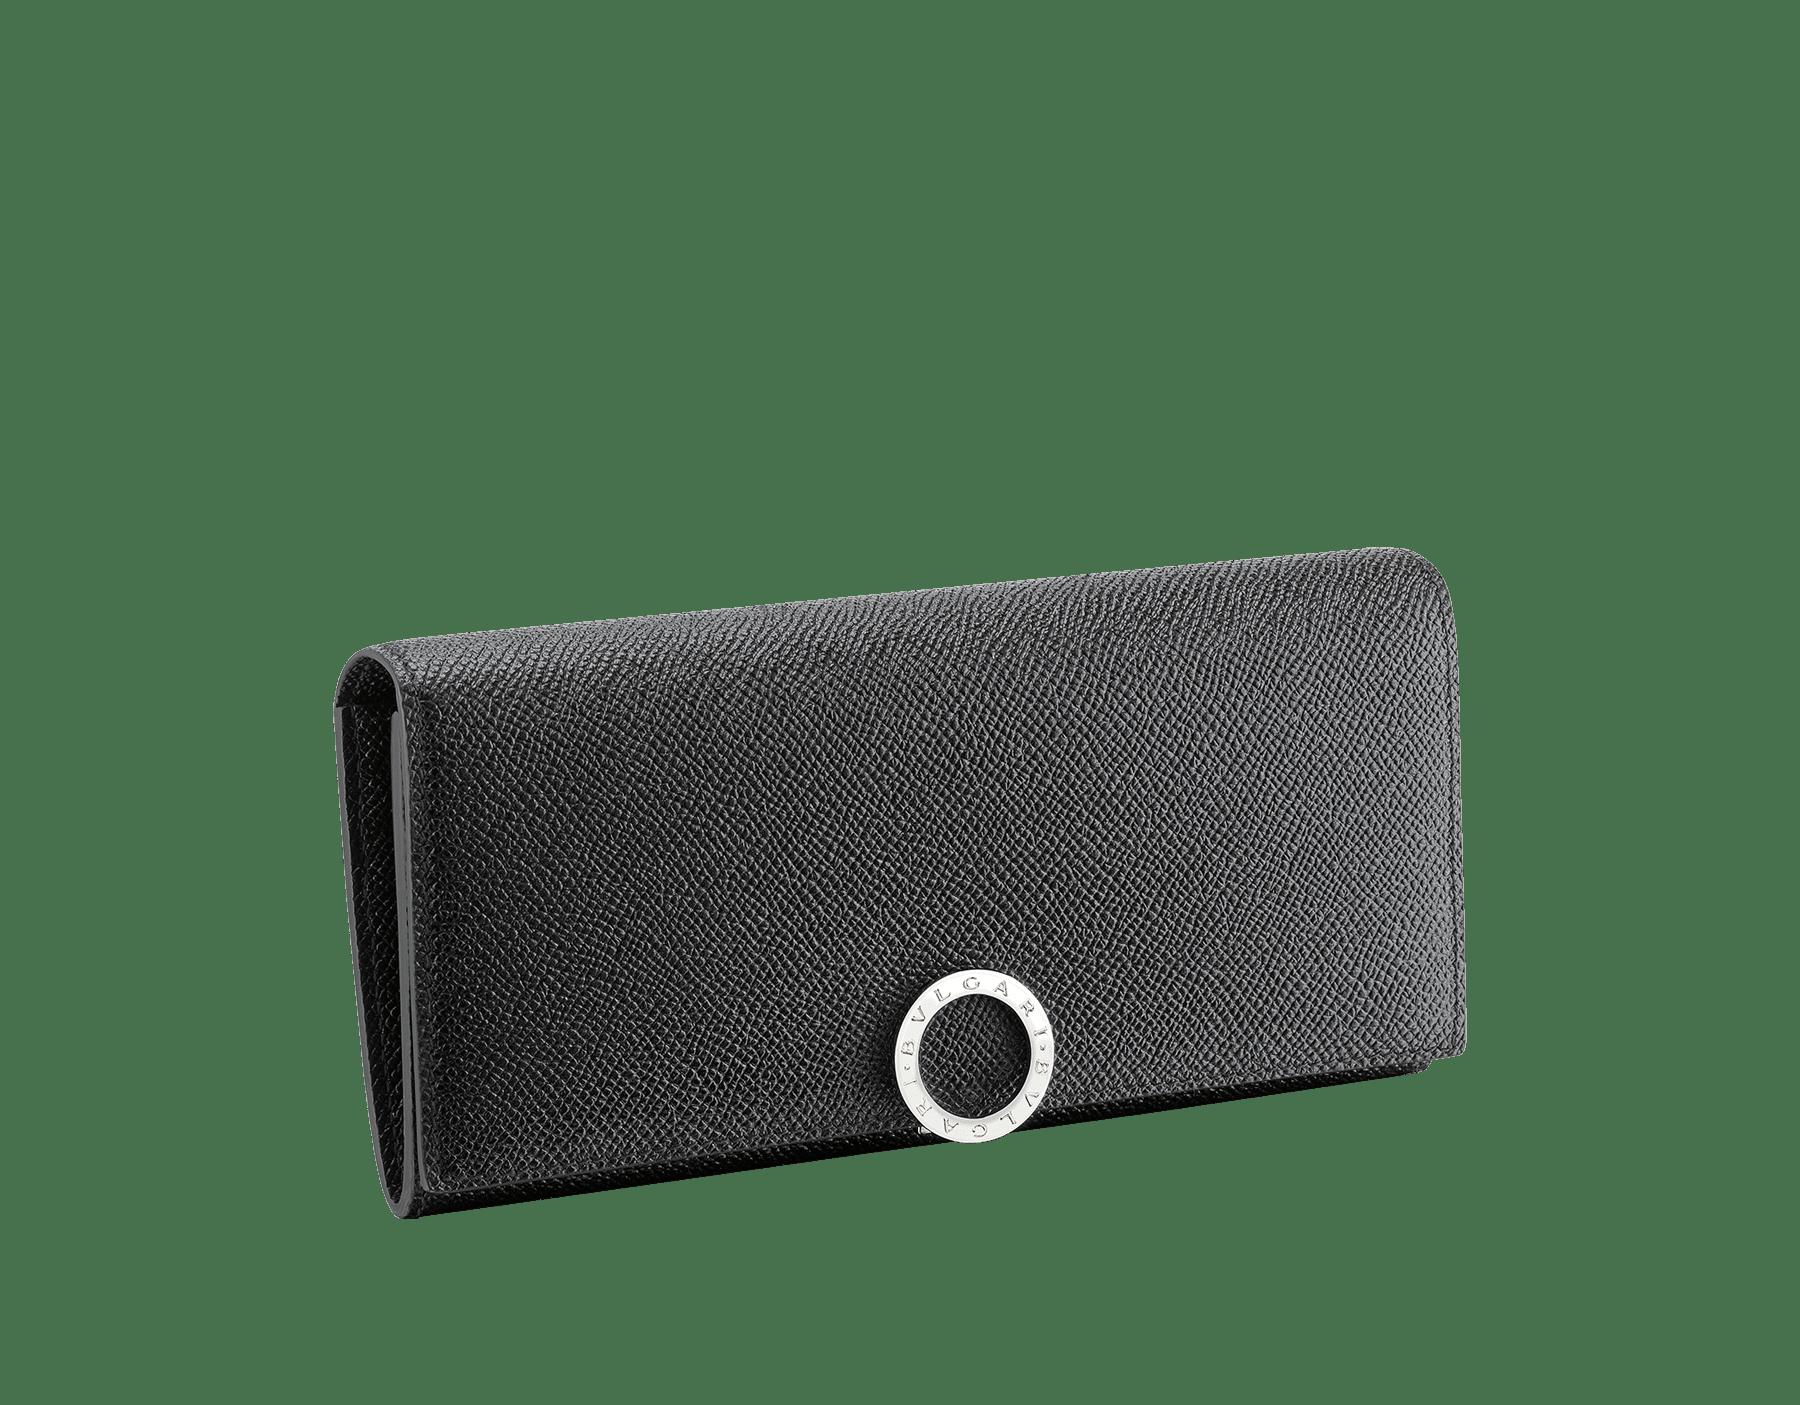 ブラックのグレインカーフレザー製ブルガリ・ブルガリ ウォレットポシェット。ブラスパラジウムプレートのアイコニックなロゴのクロージャークリップ。 289381 image 1